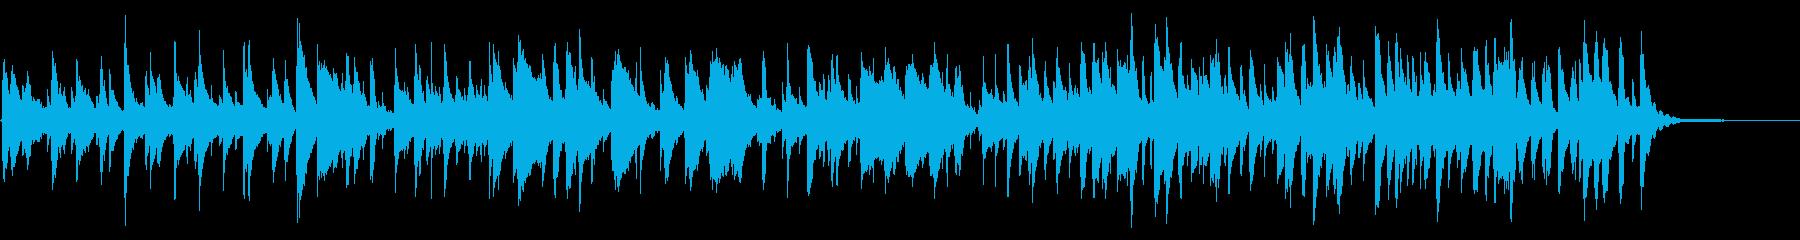 温かみのある静かなビブラフォンのジャズの再生済みの波形